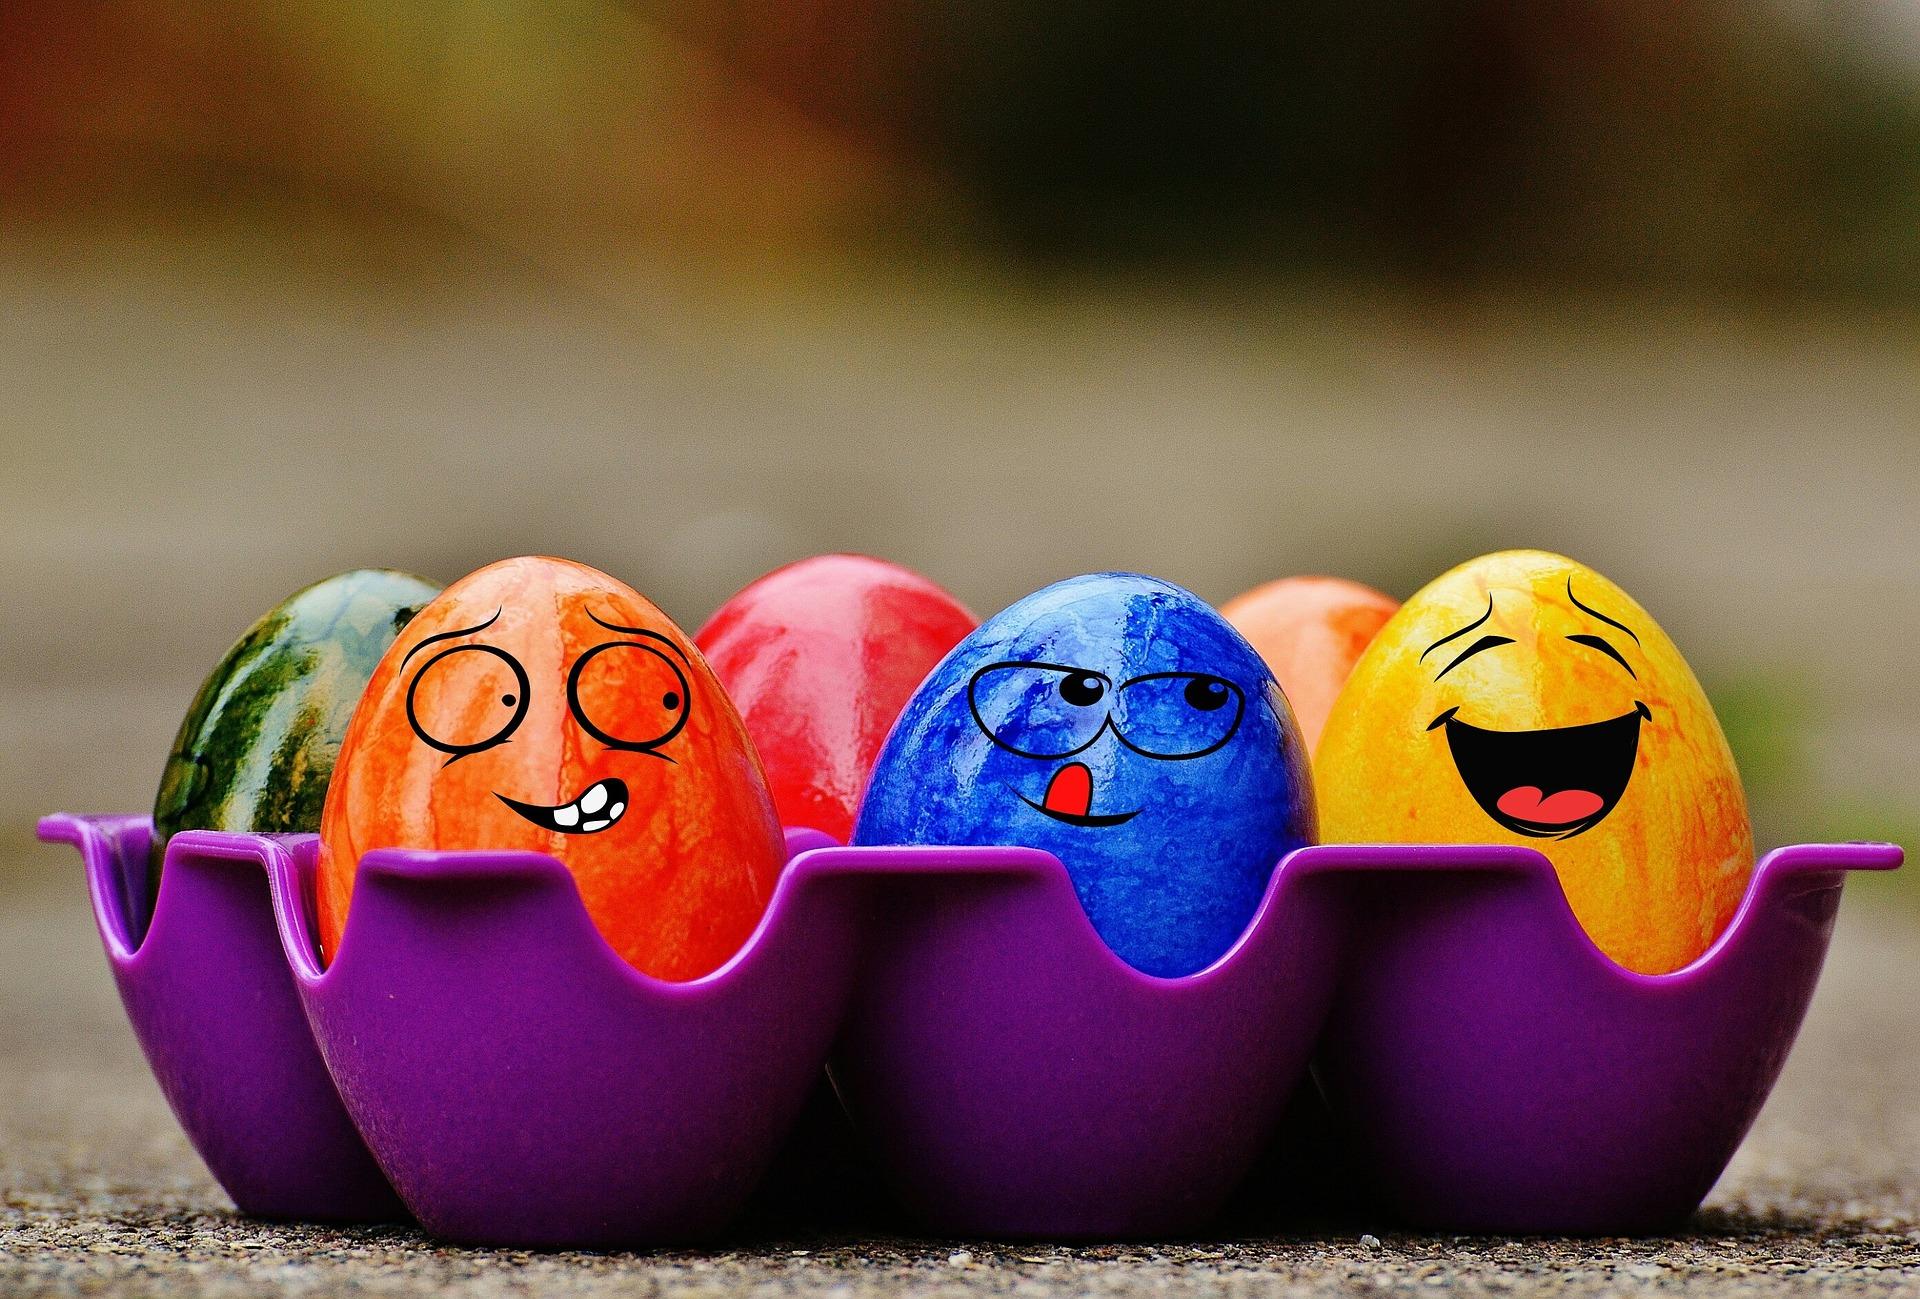 Ovos de Páscoa, Páscoa, ovos, cores, rostos - Papéis de parede HD - Professor-falken.com